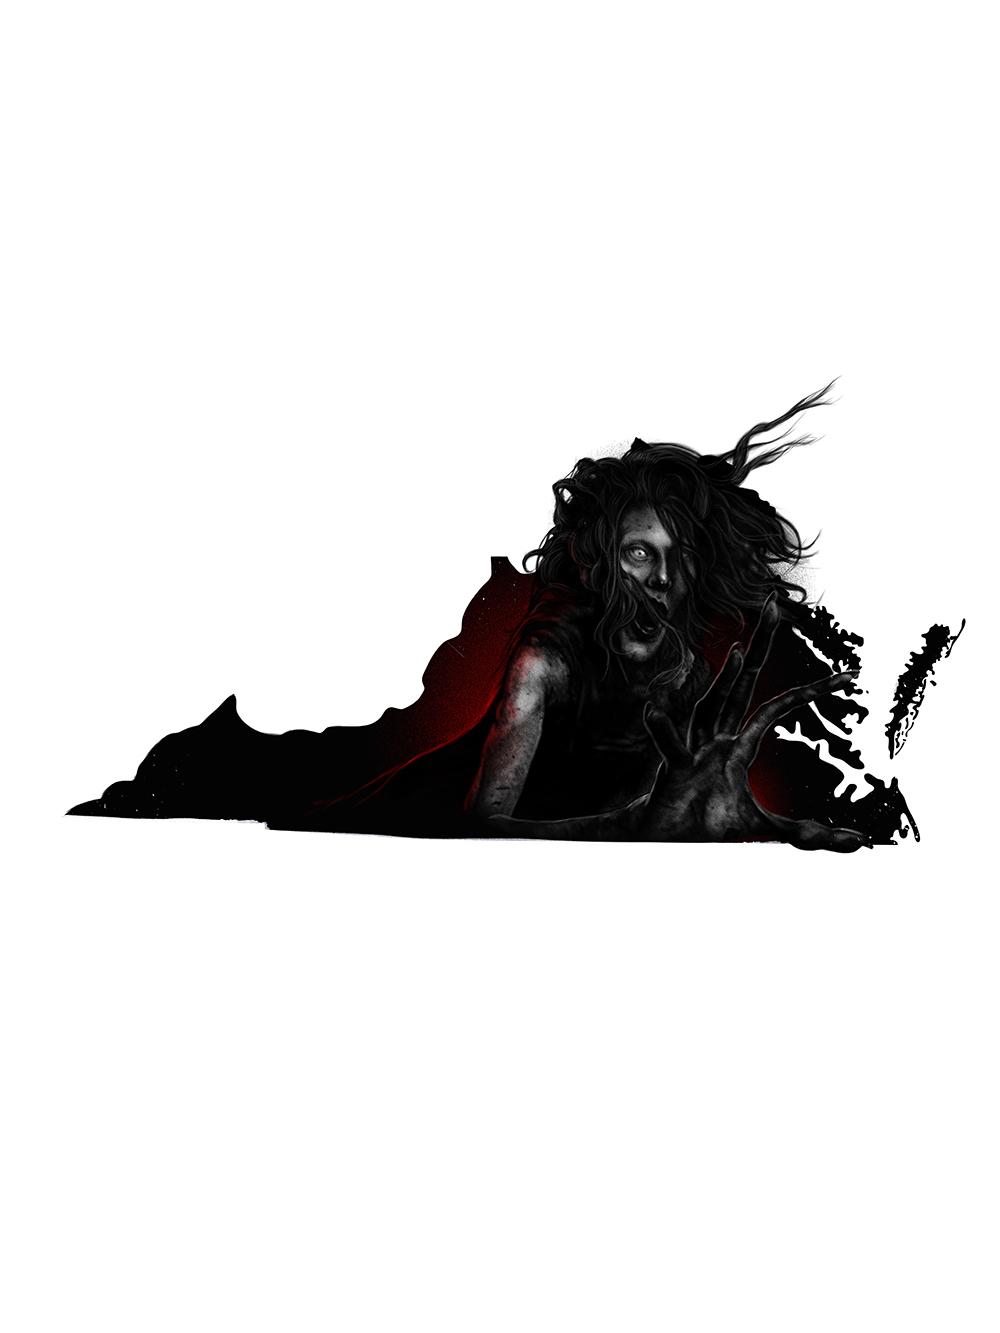 United States Of Horror: Virginia